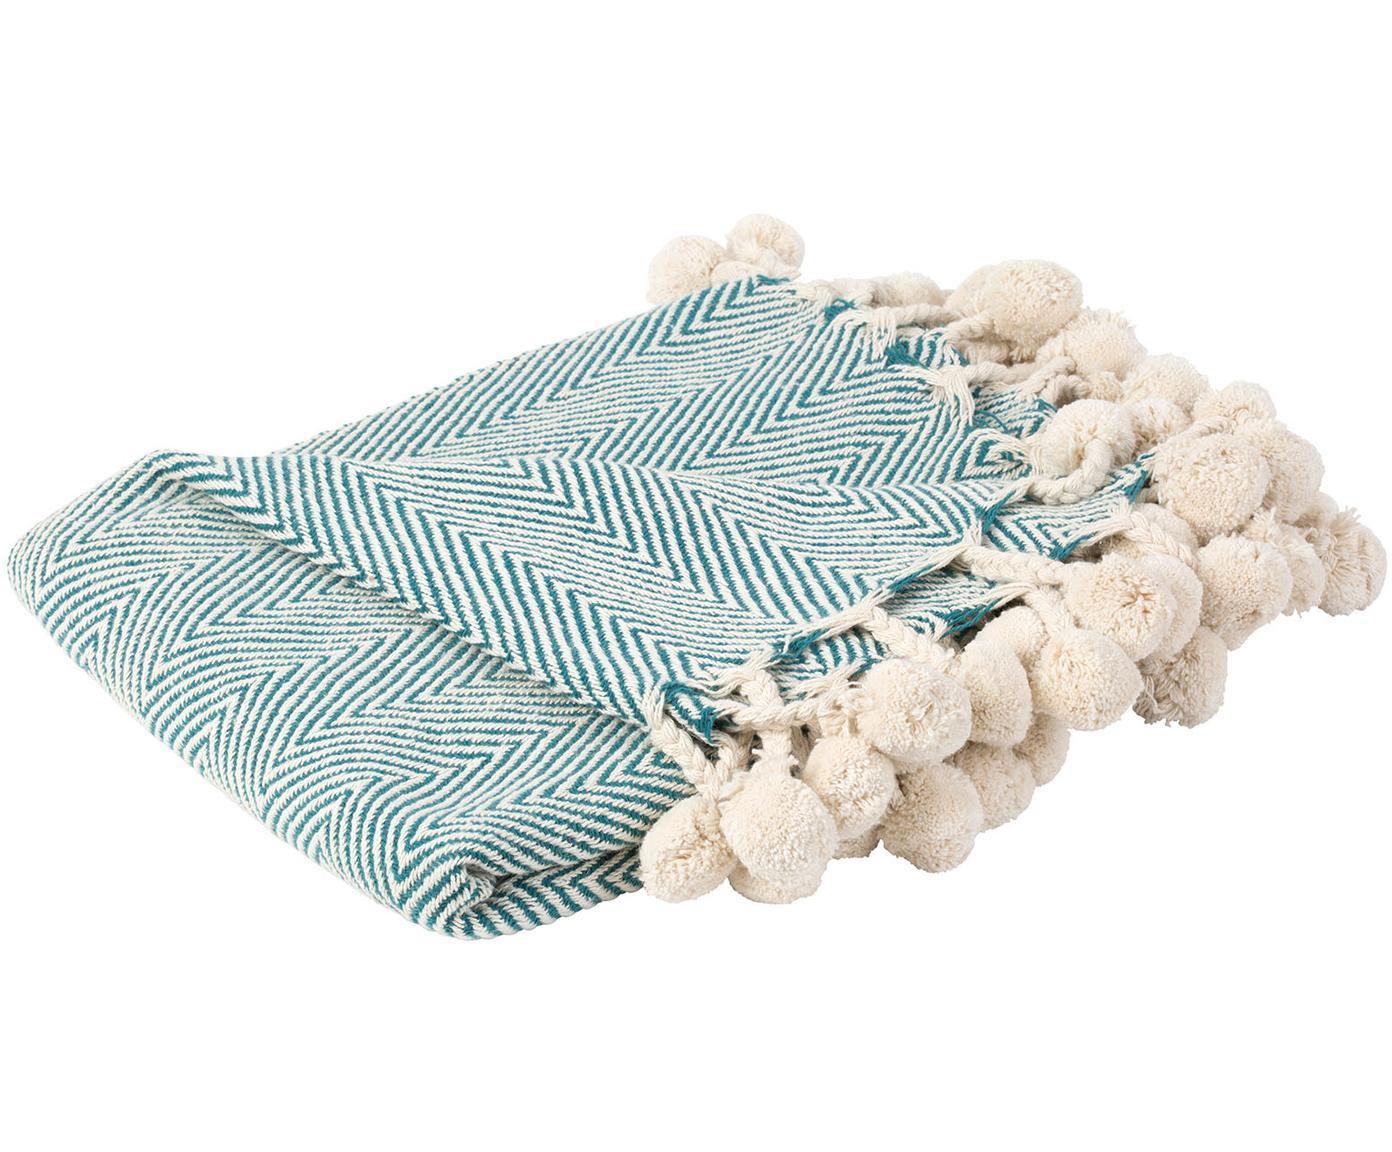 Plaid Lilen mit Fischgrätmuster und Pompoms, 100% Baumwolle, Blau, Beige, 130 x 150 cm